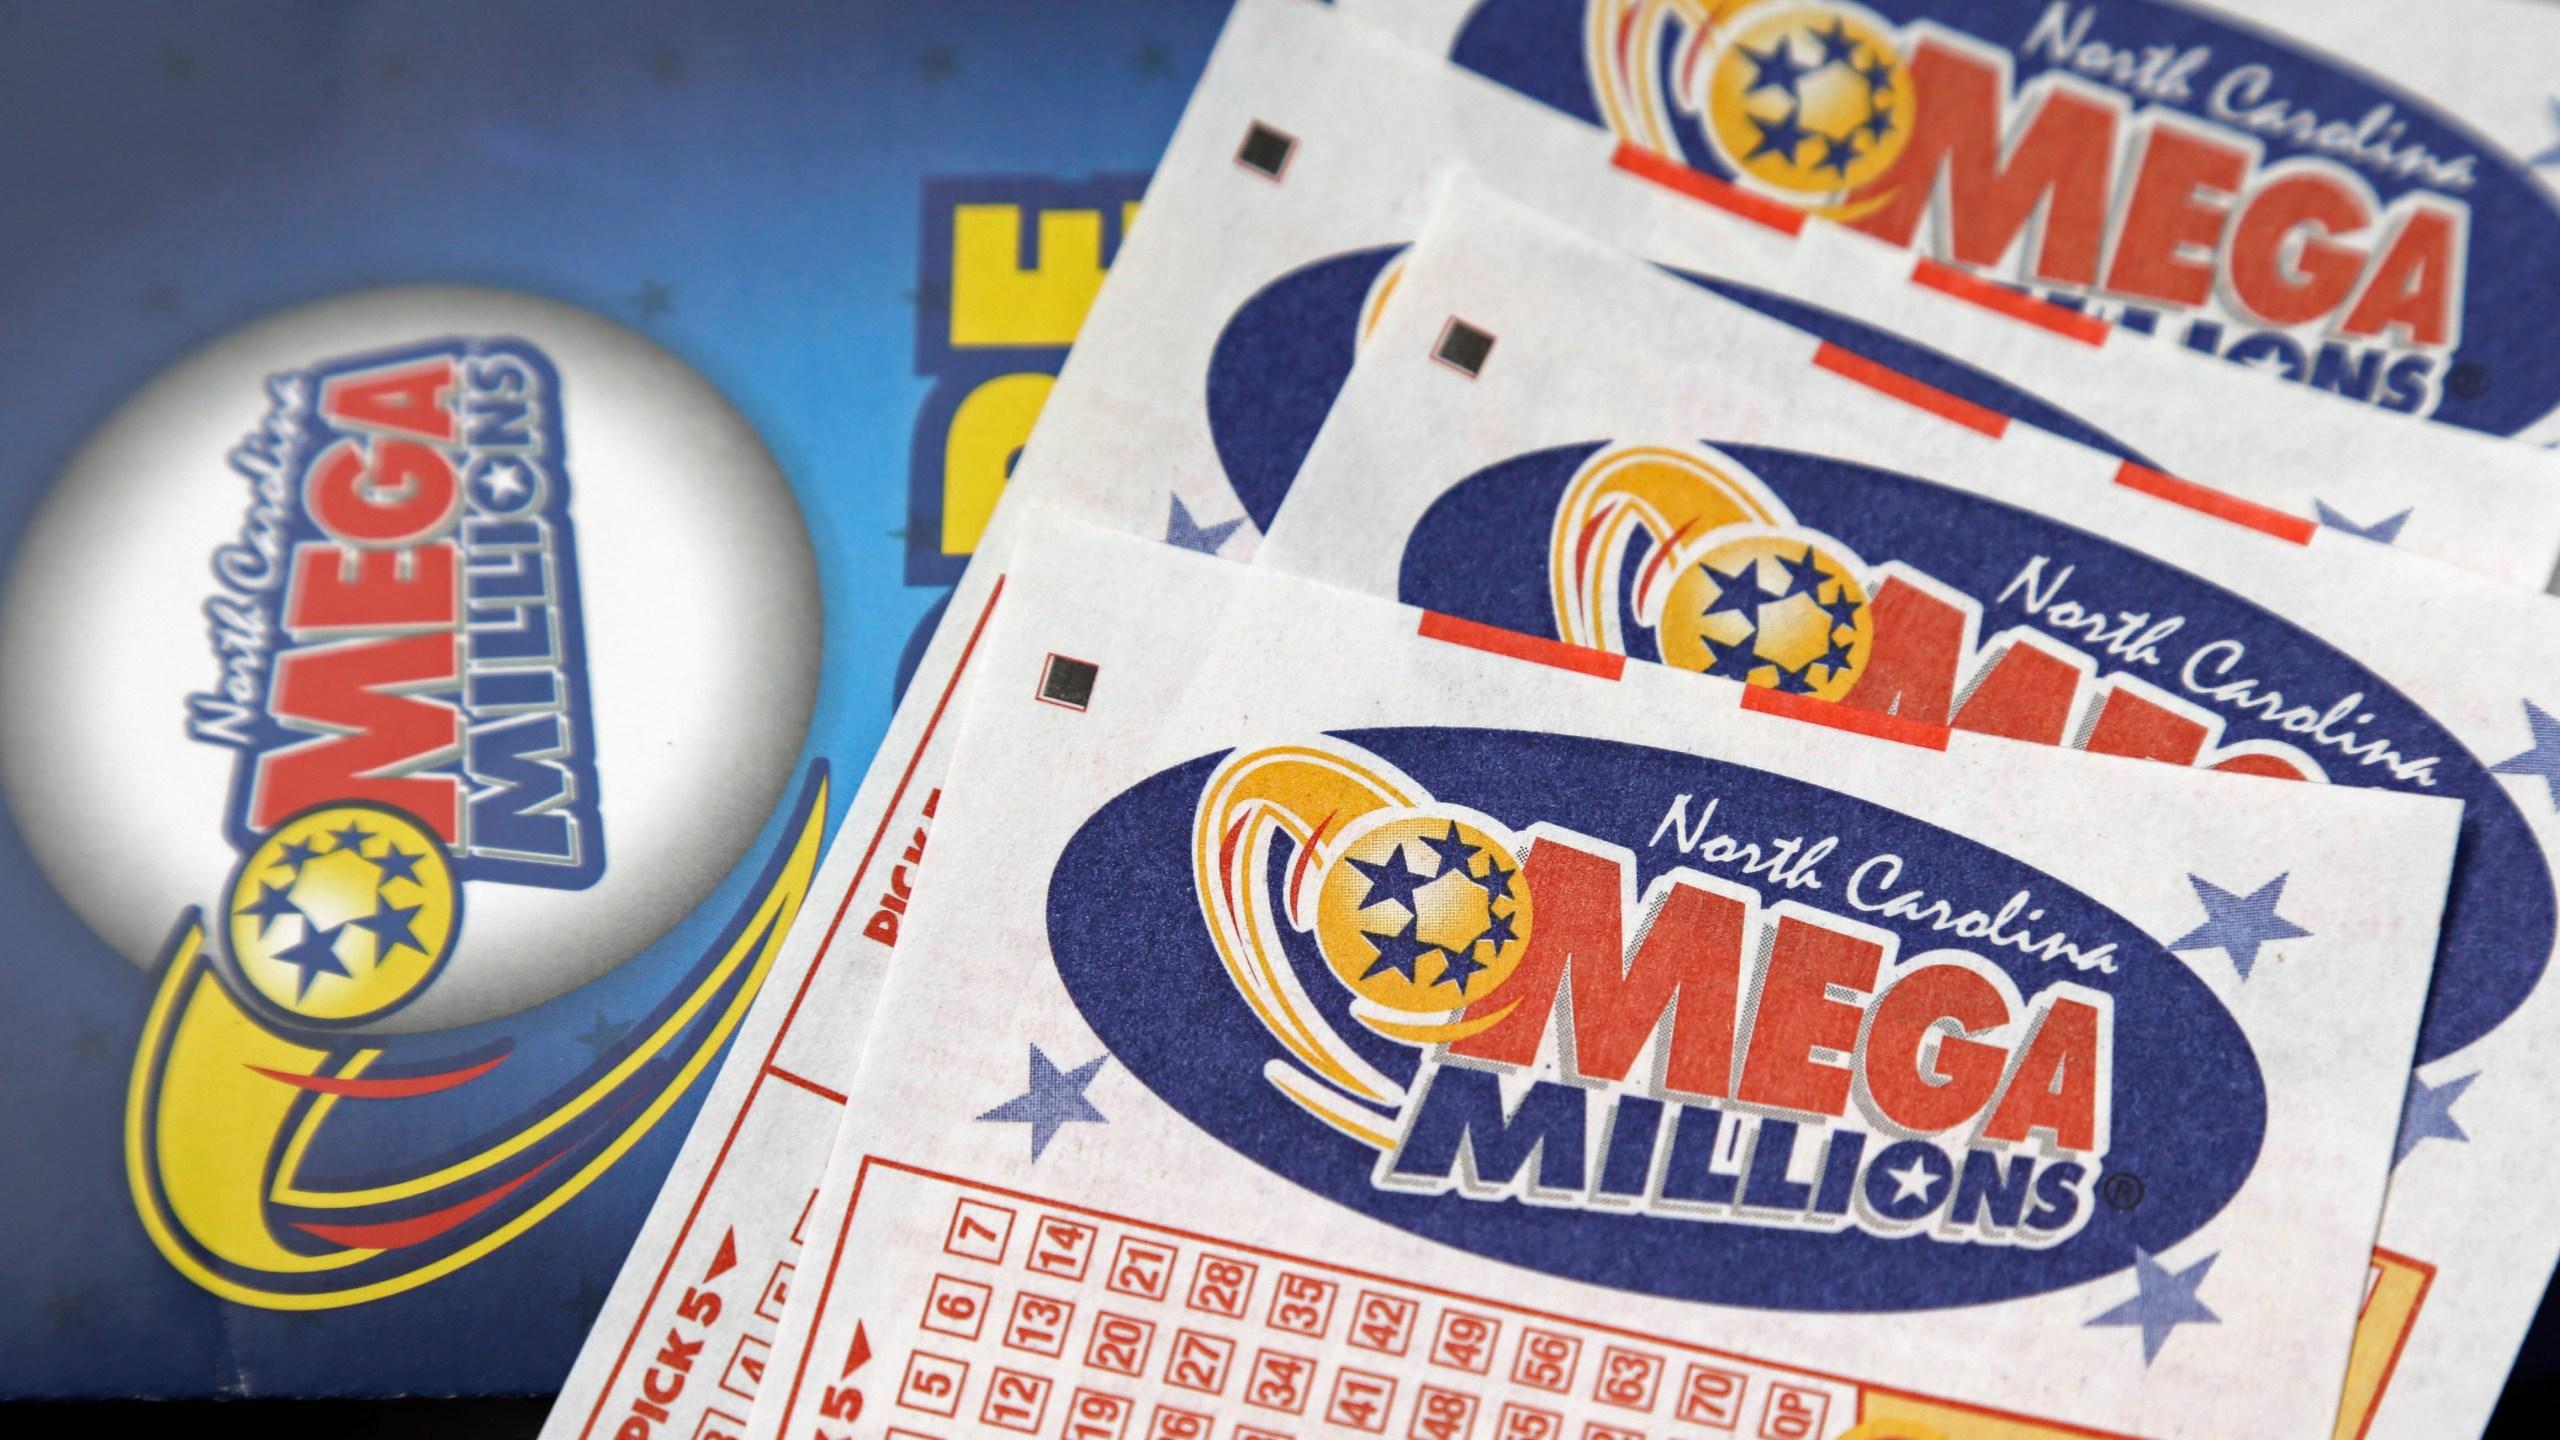 Mega_Millions_Jackpot_98313-159532.jpg53588758